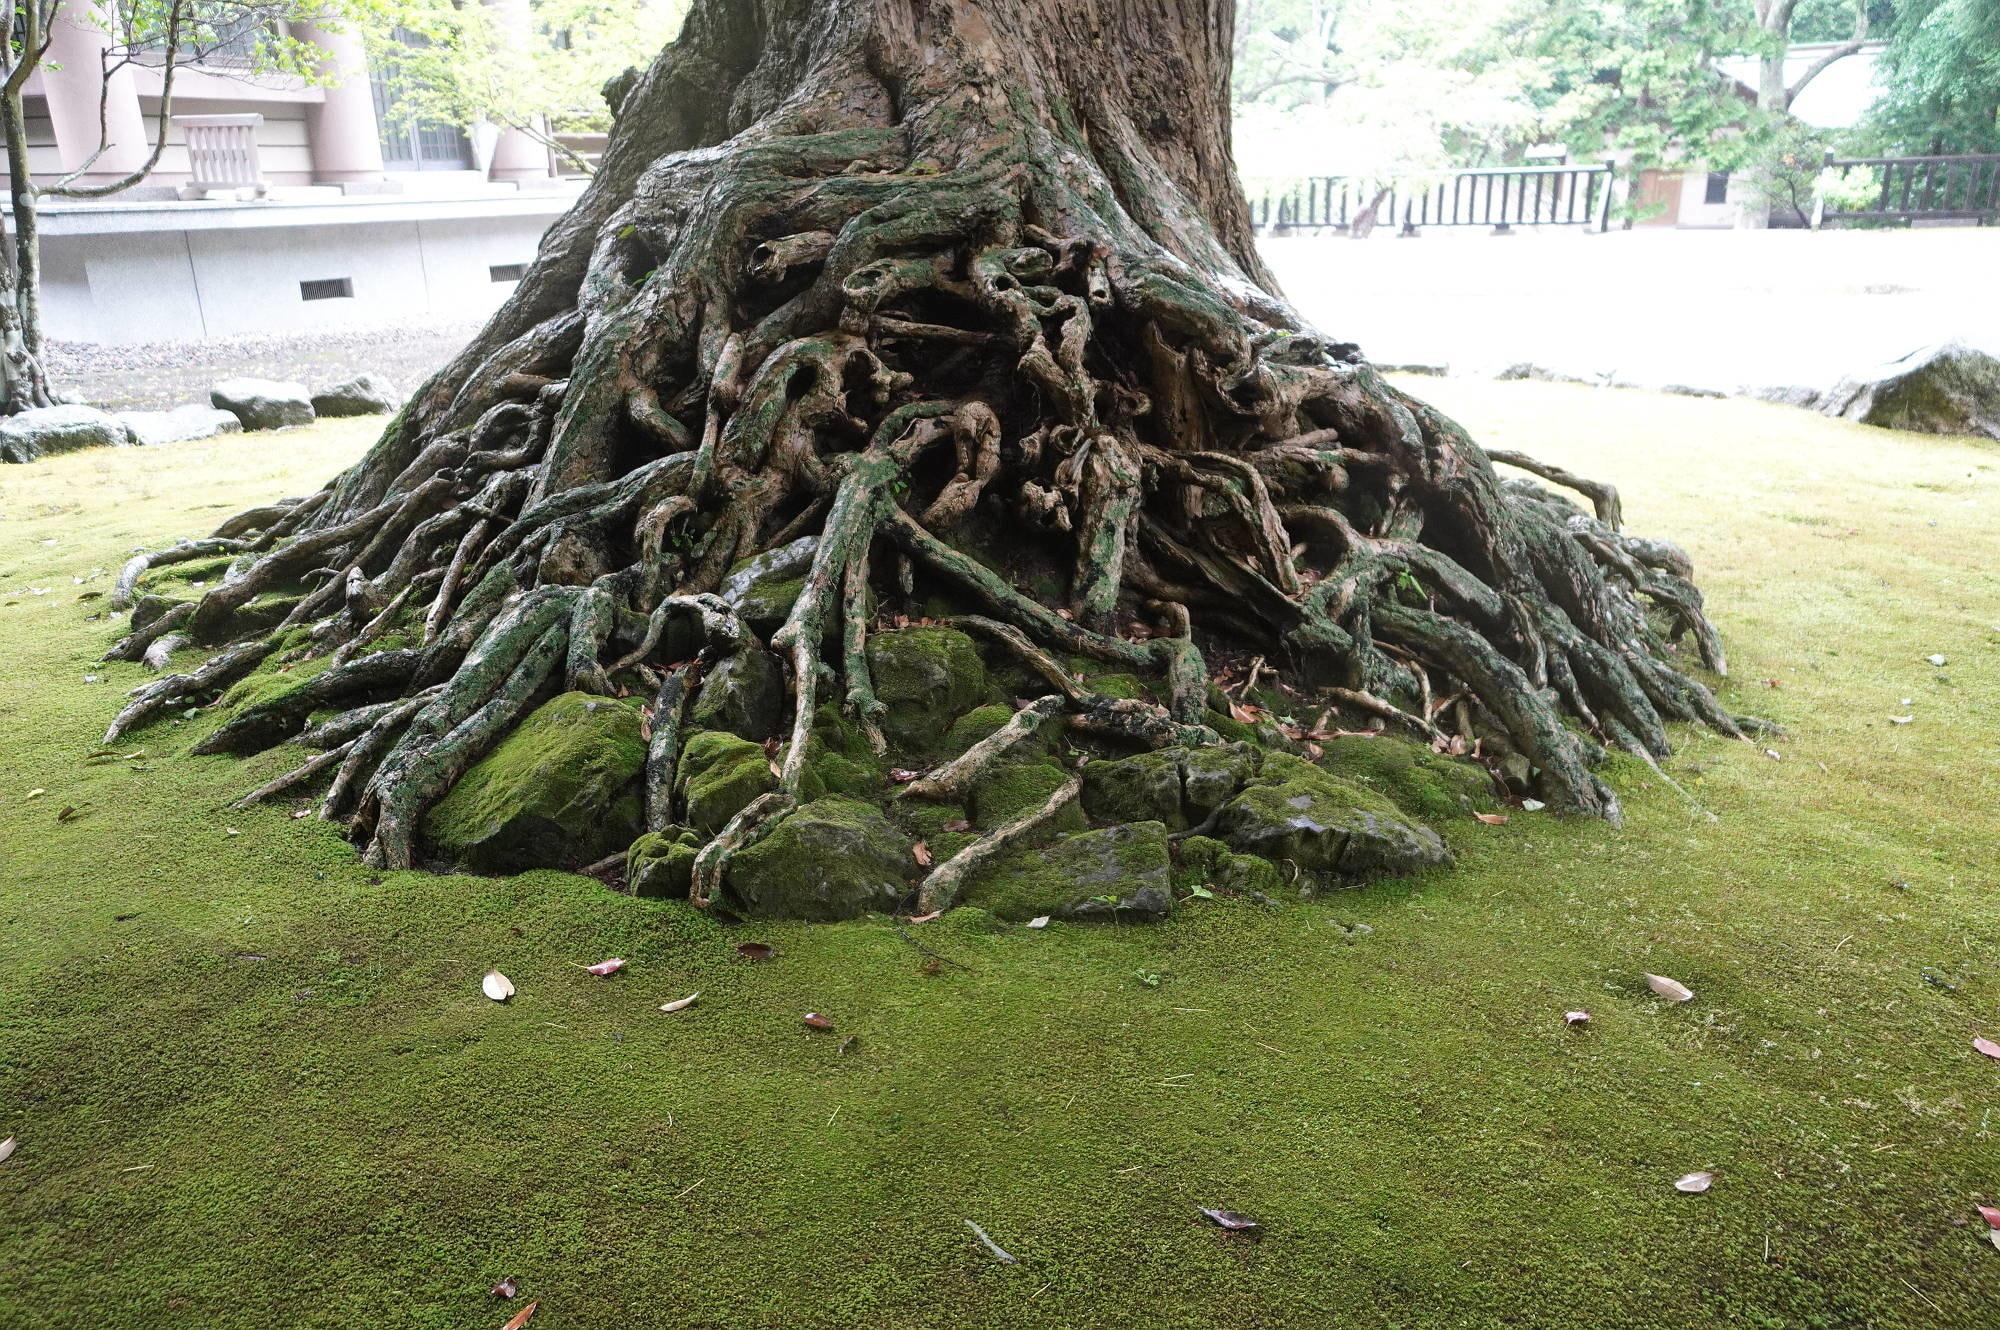 イチョウの木の根っこ